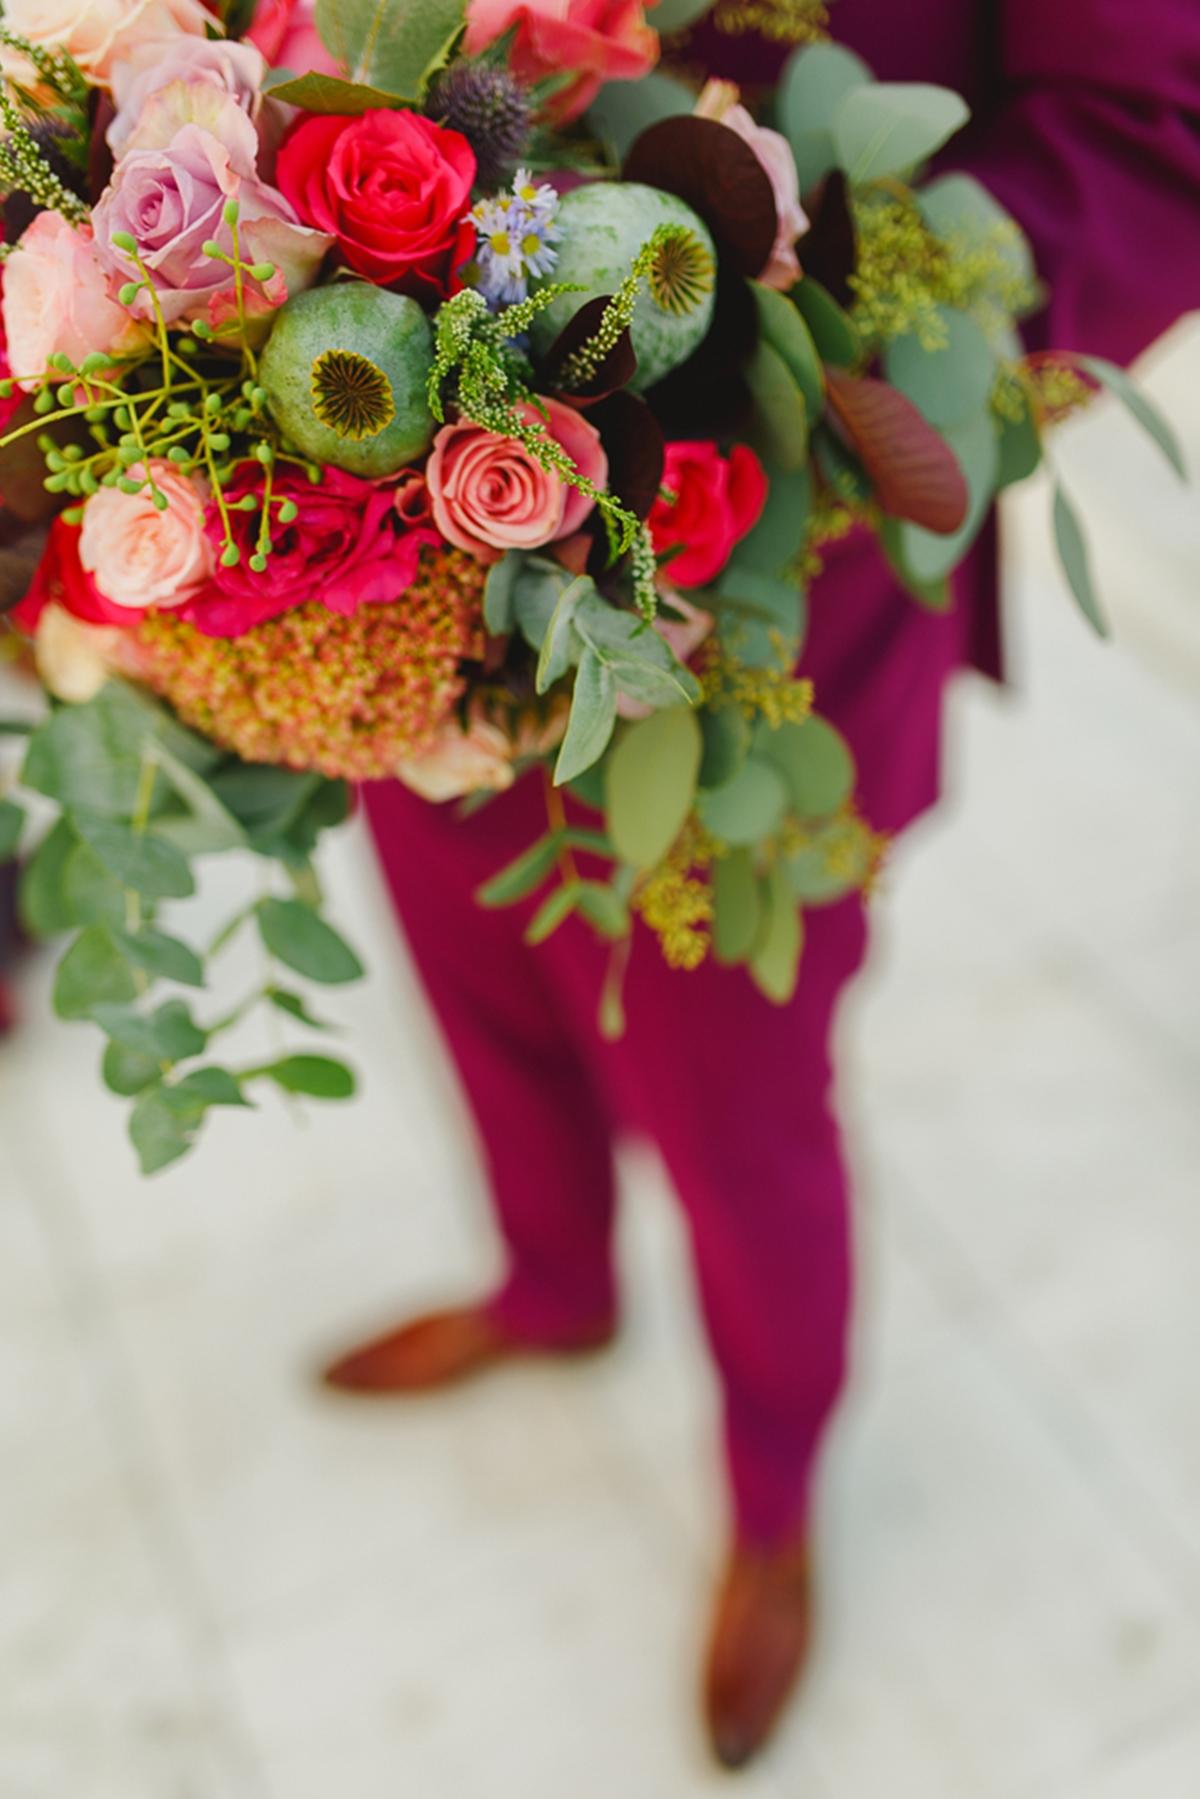 Νυφική ανθοδέσμη με φούξια και ροζ νεραγκούλες